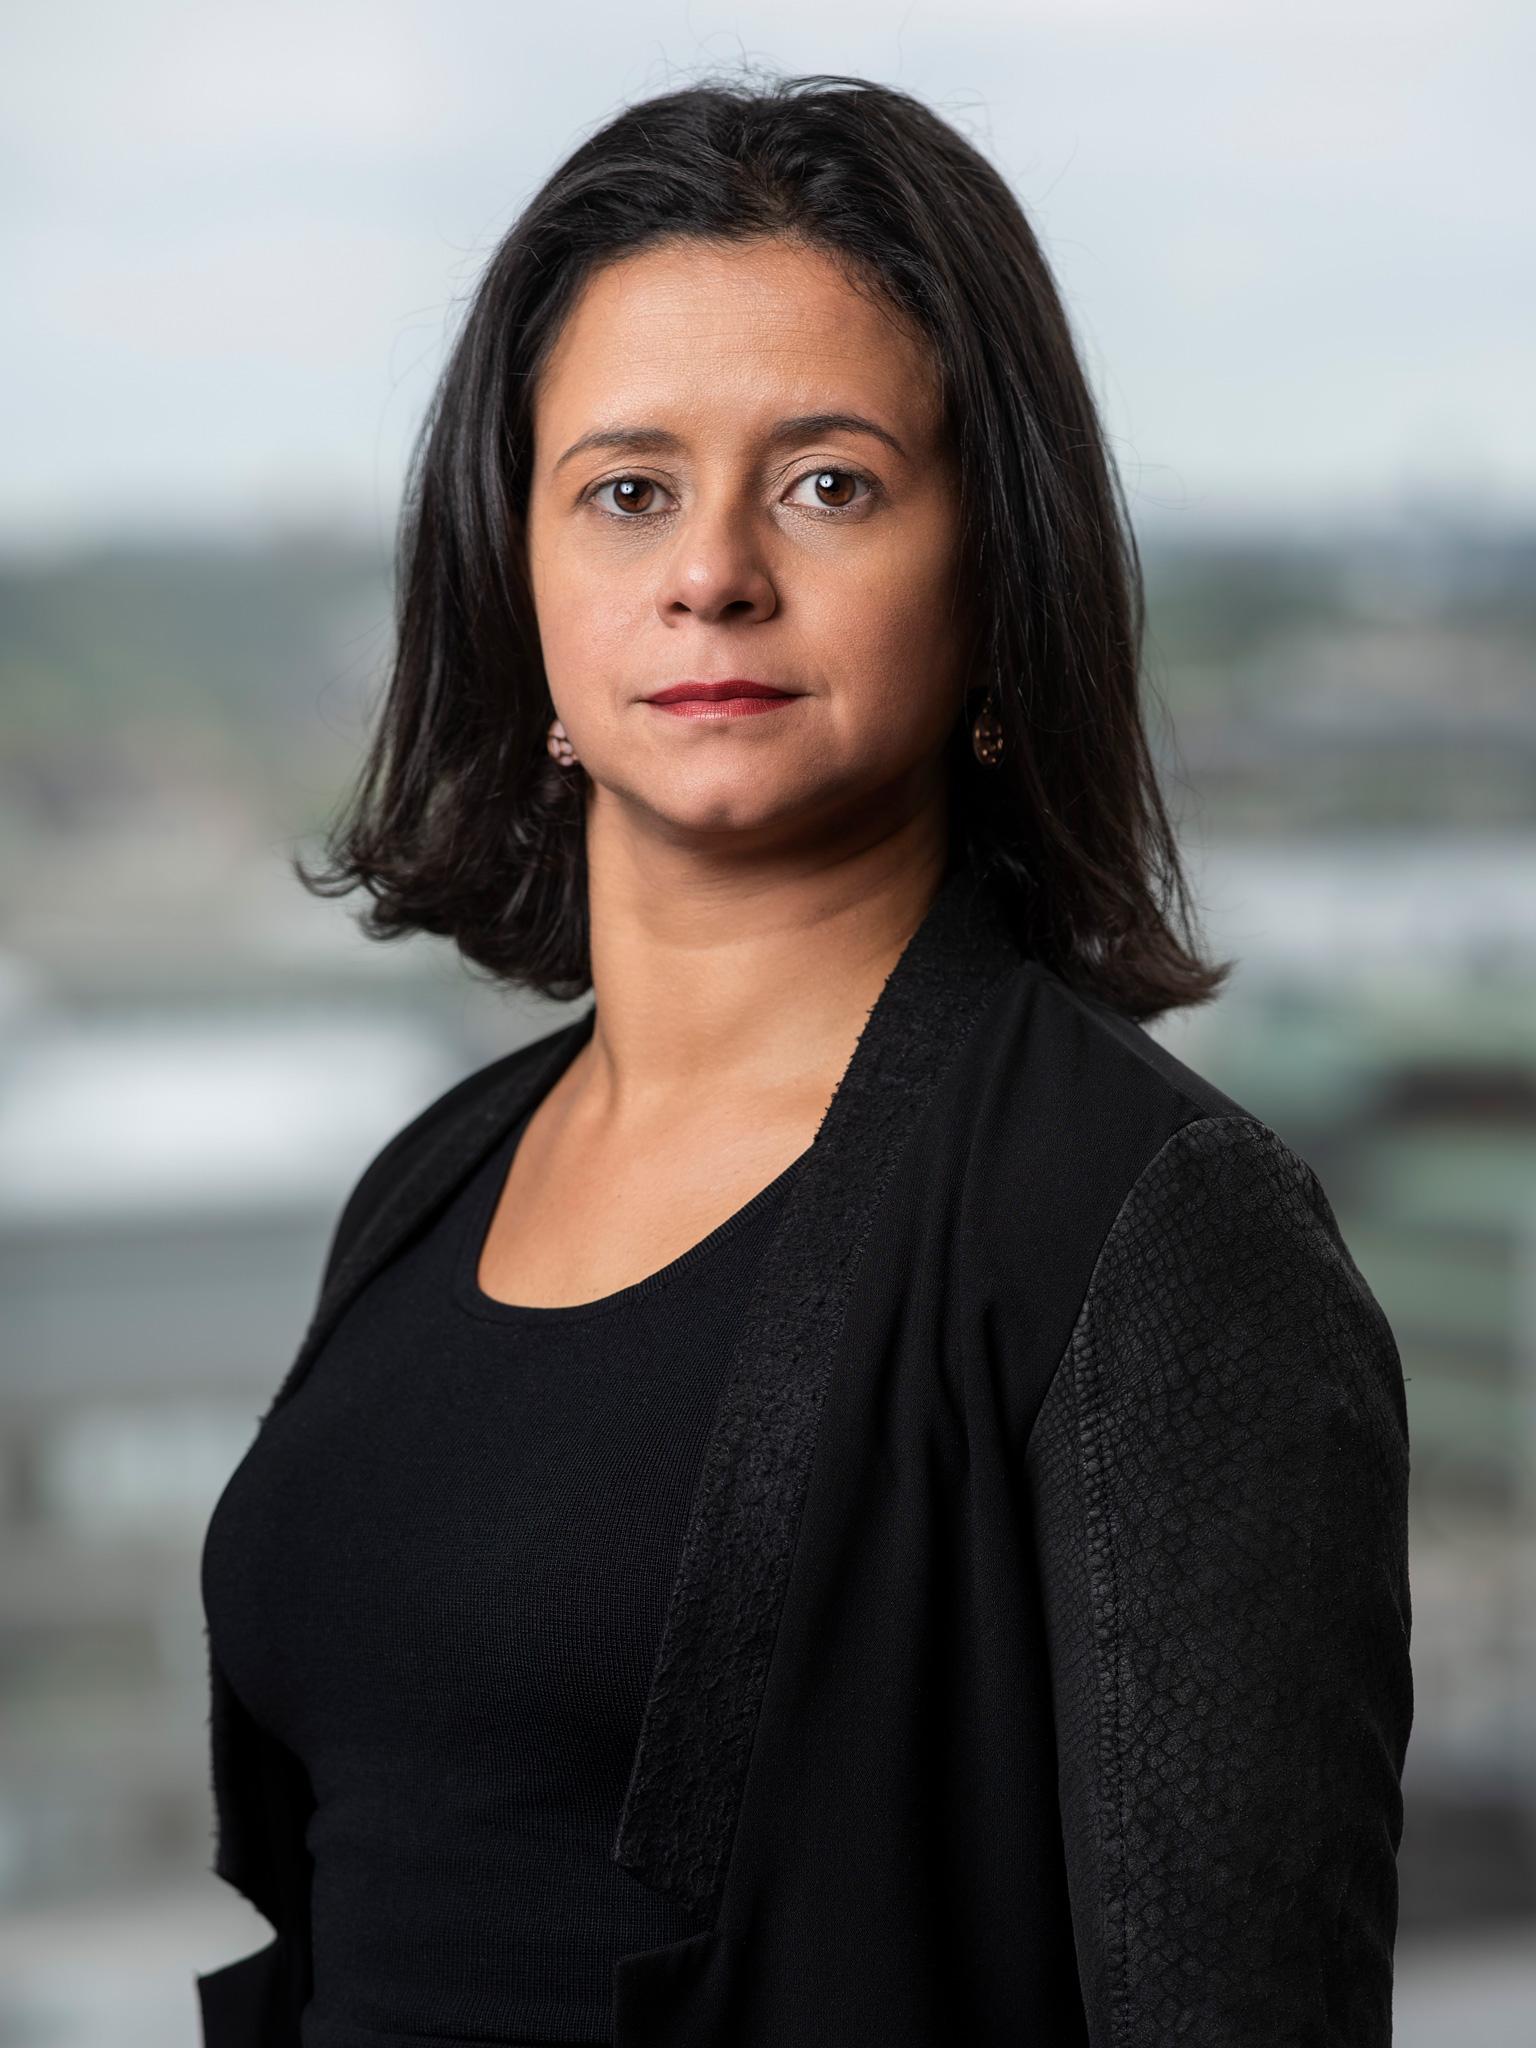 Cristina Claesson